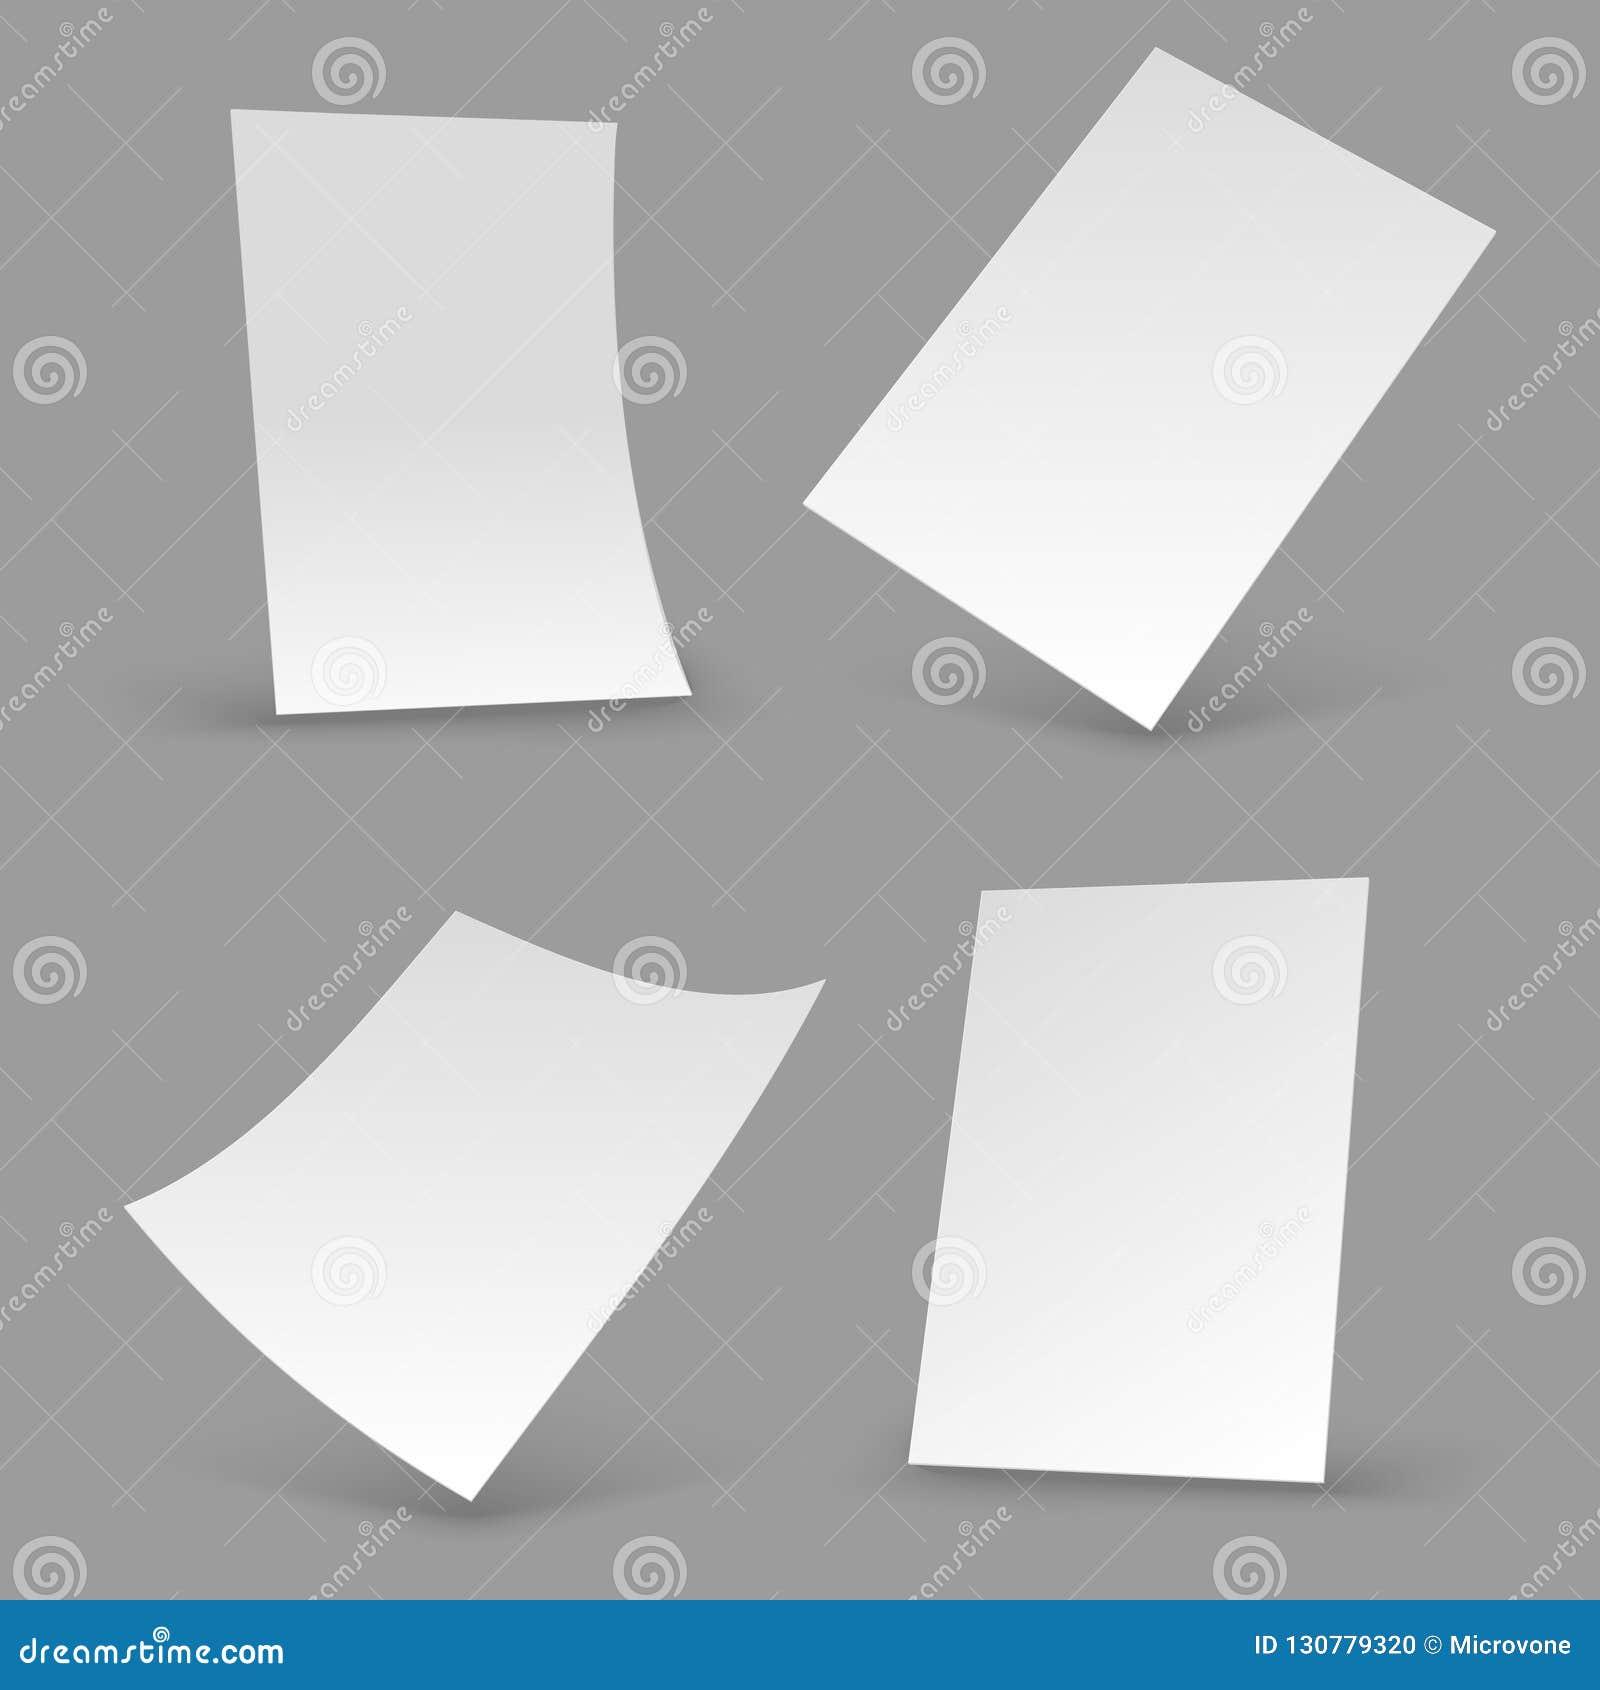 Witboekbladen A4 lege brochure, realistische affichemodellen 3d vlieger vectormalplaatjes